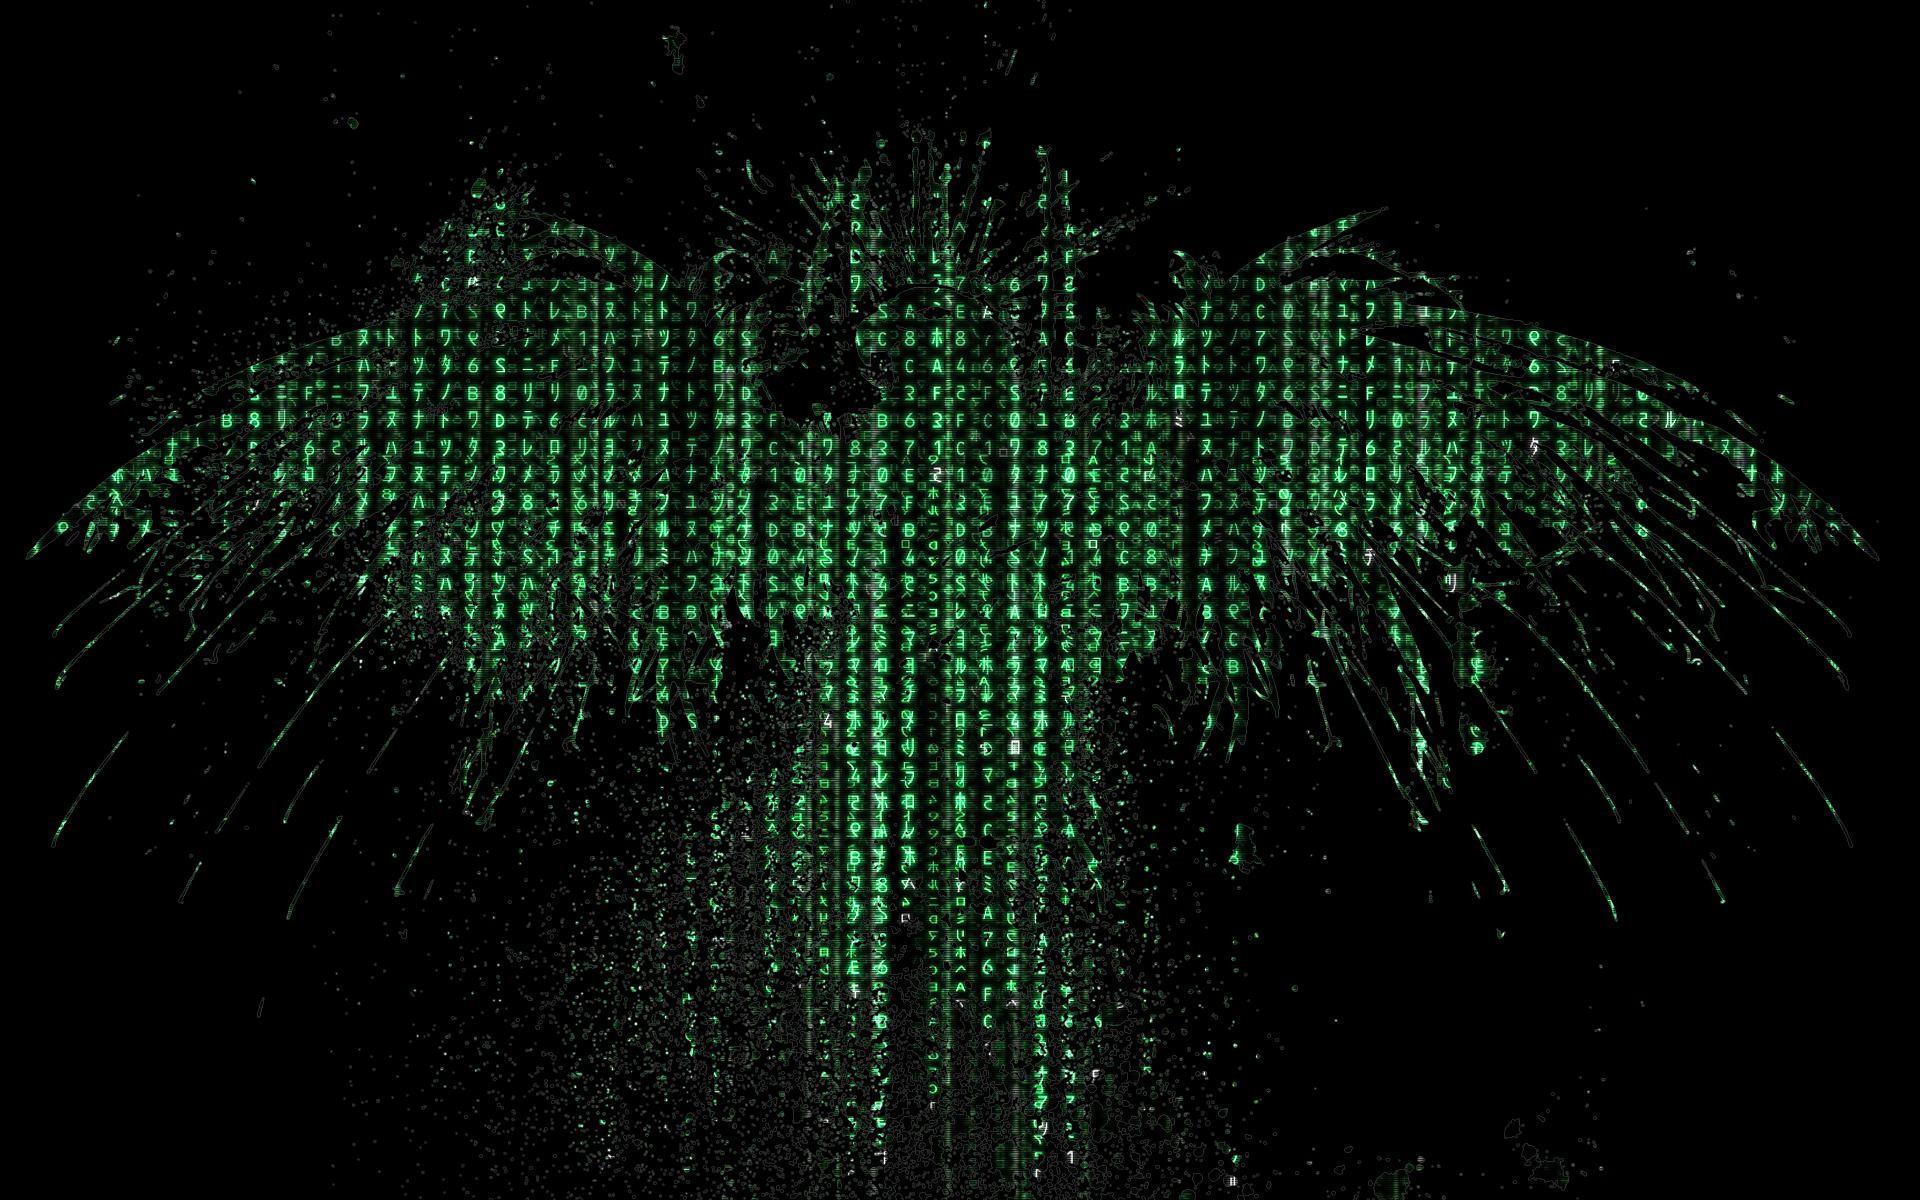 1920x1080 Matrix Rain Live Wallpaper